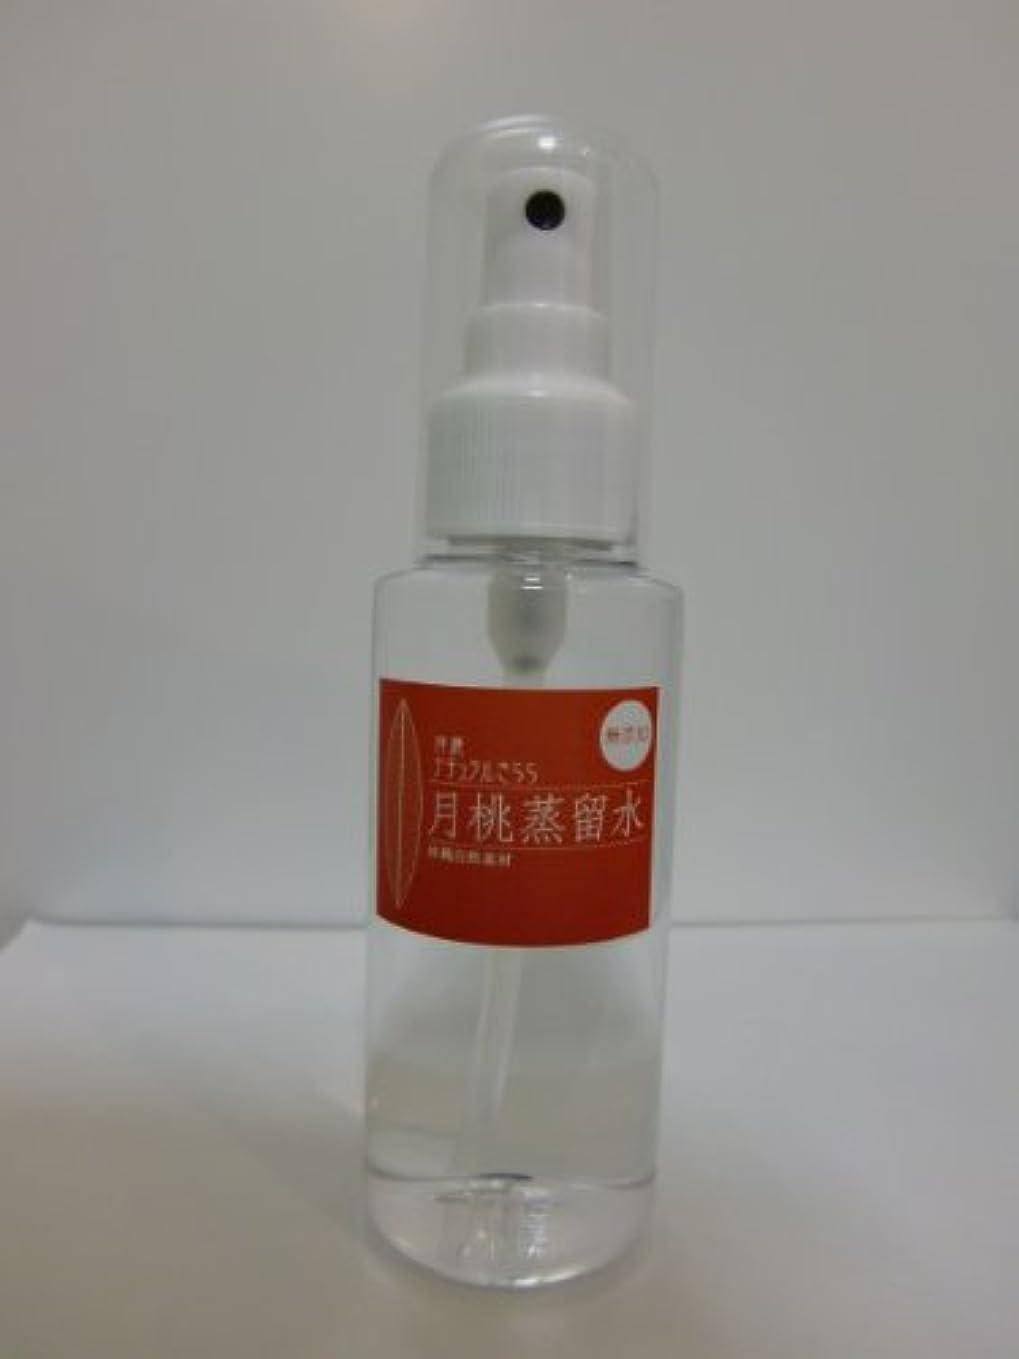 参加者麺習字★お買い得11個セット!新?月桃蒸留水(300ml)